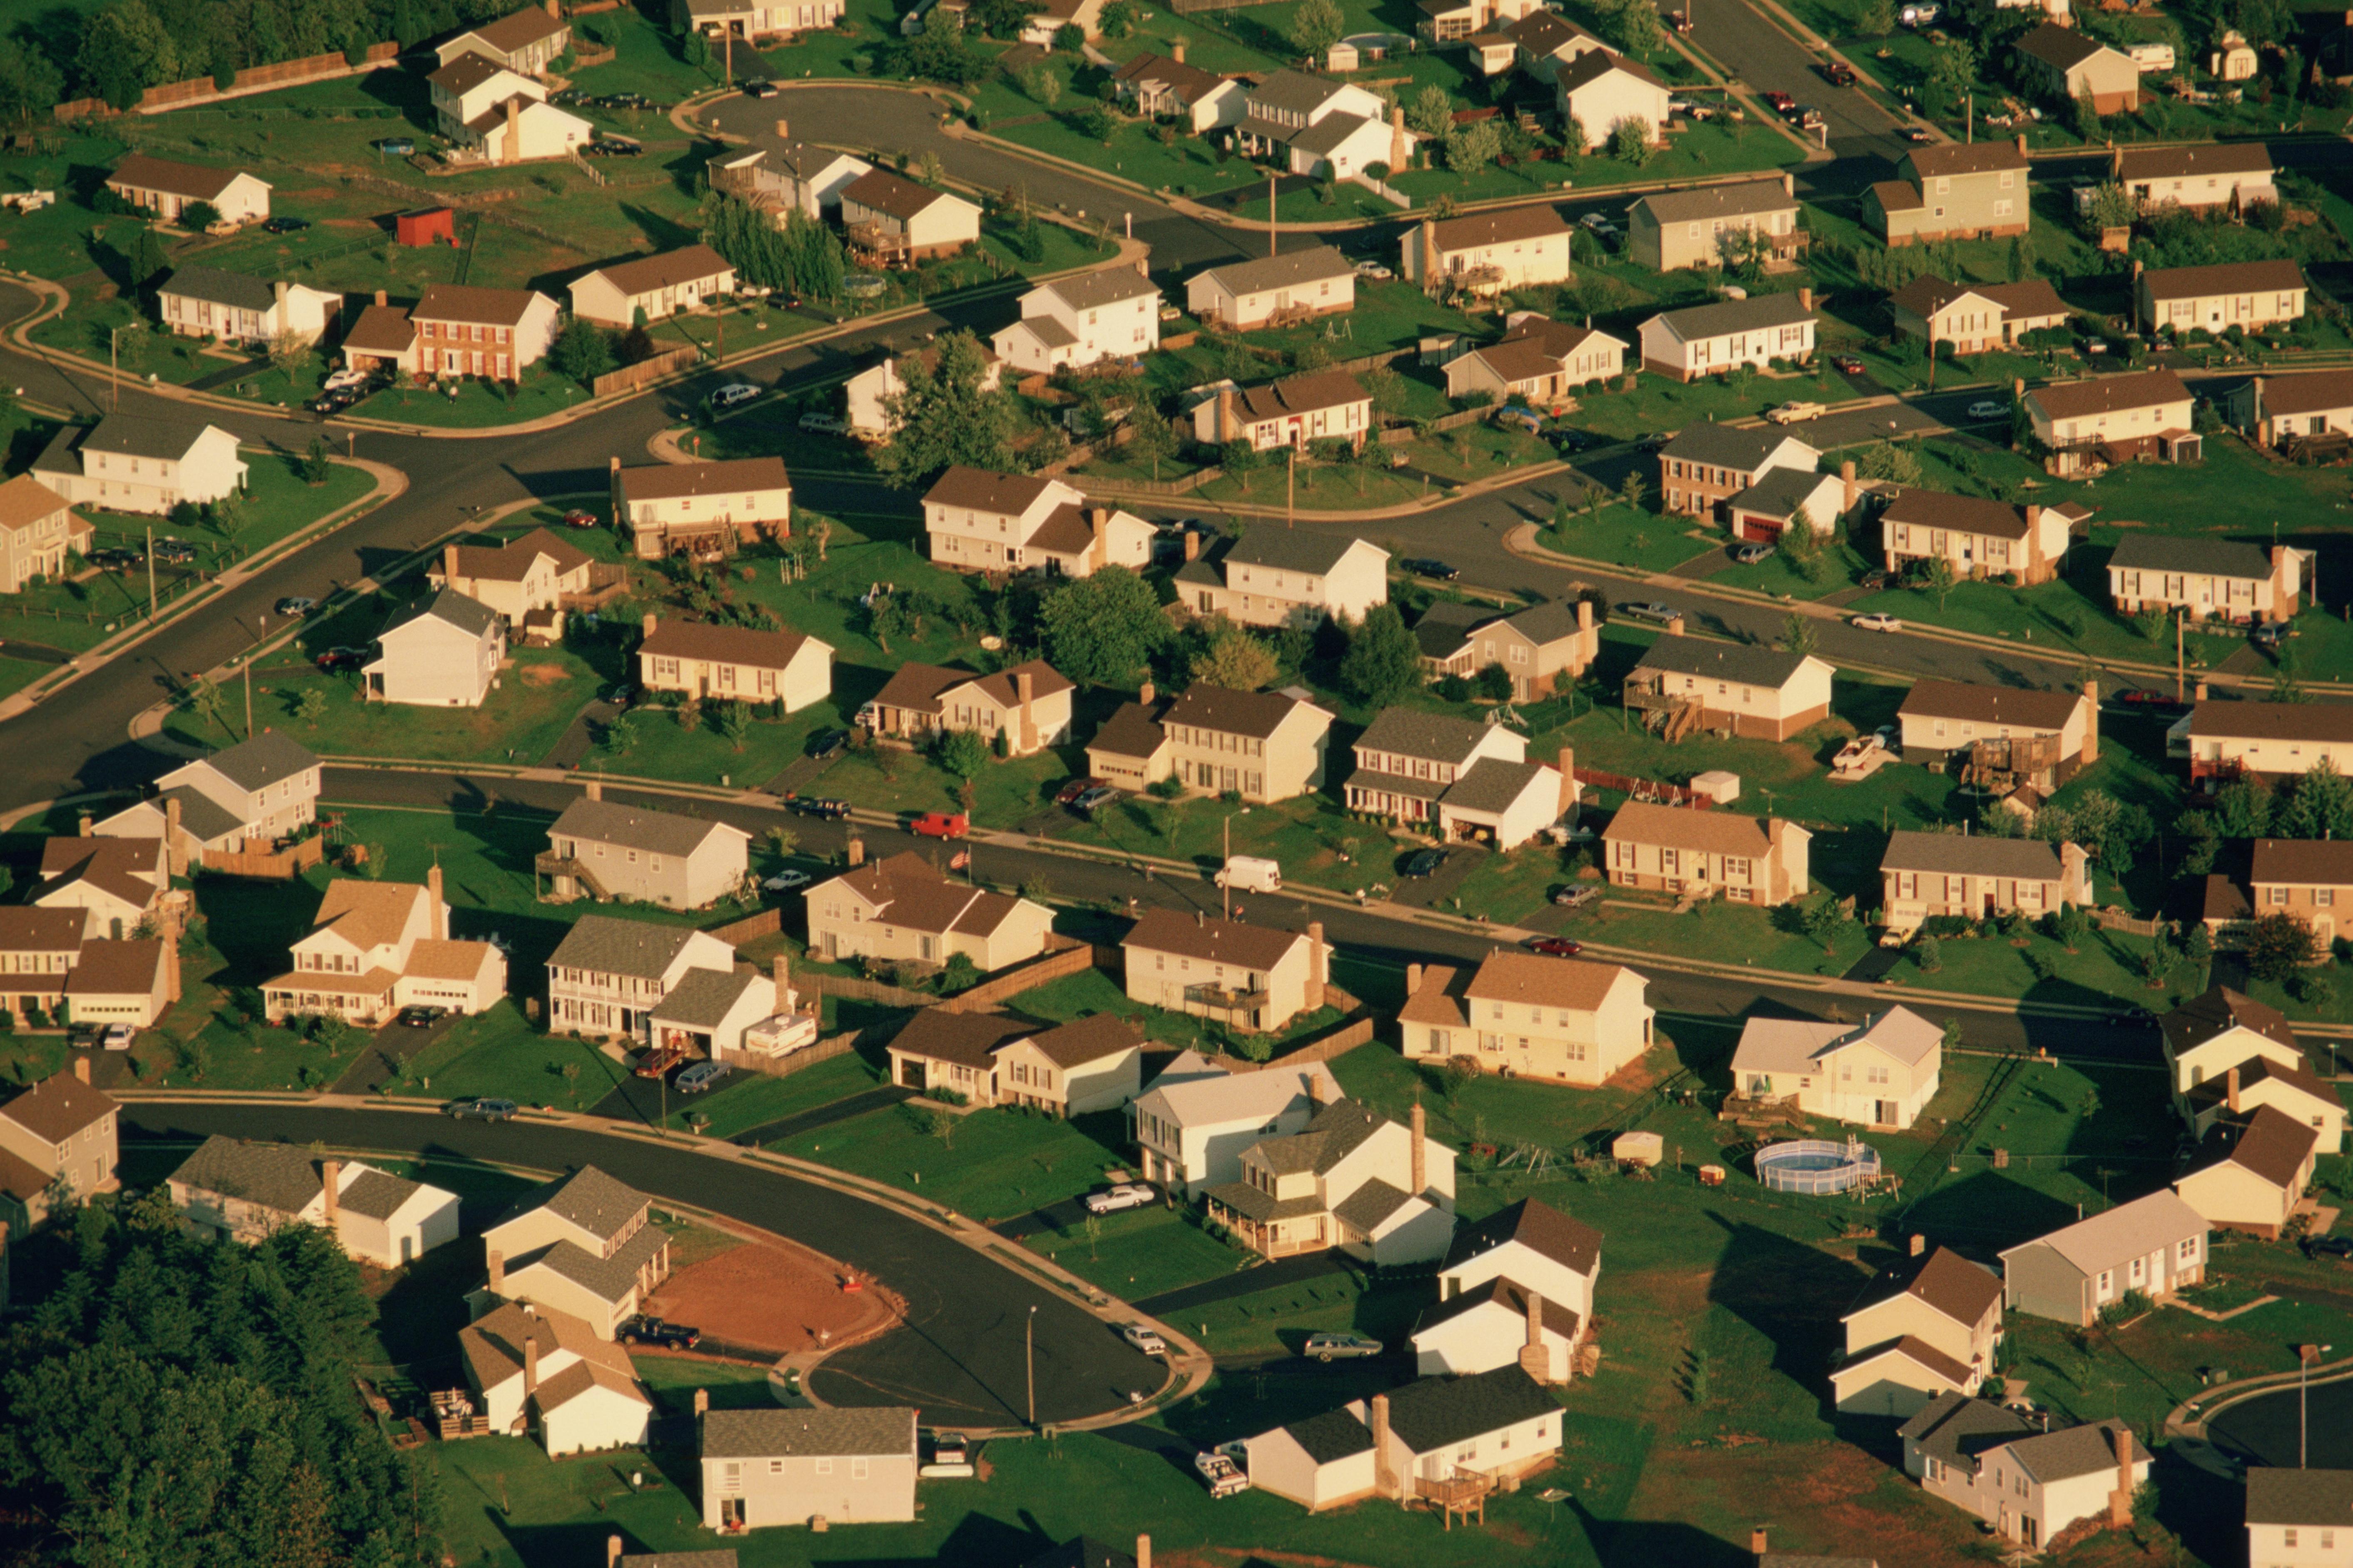 Suburban housing in Manassas, Virginia.